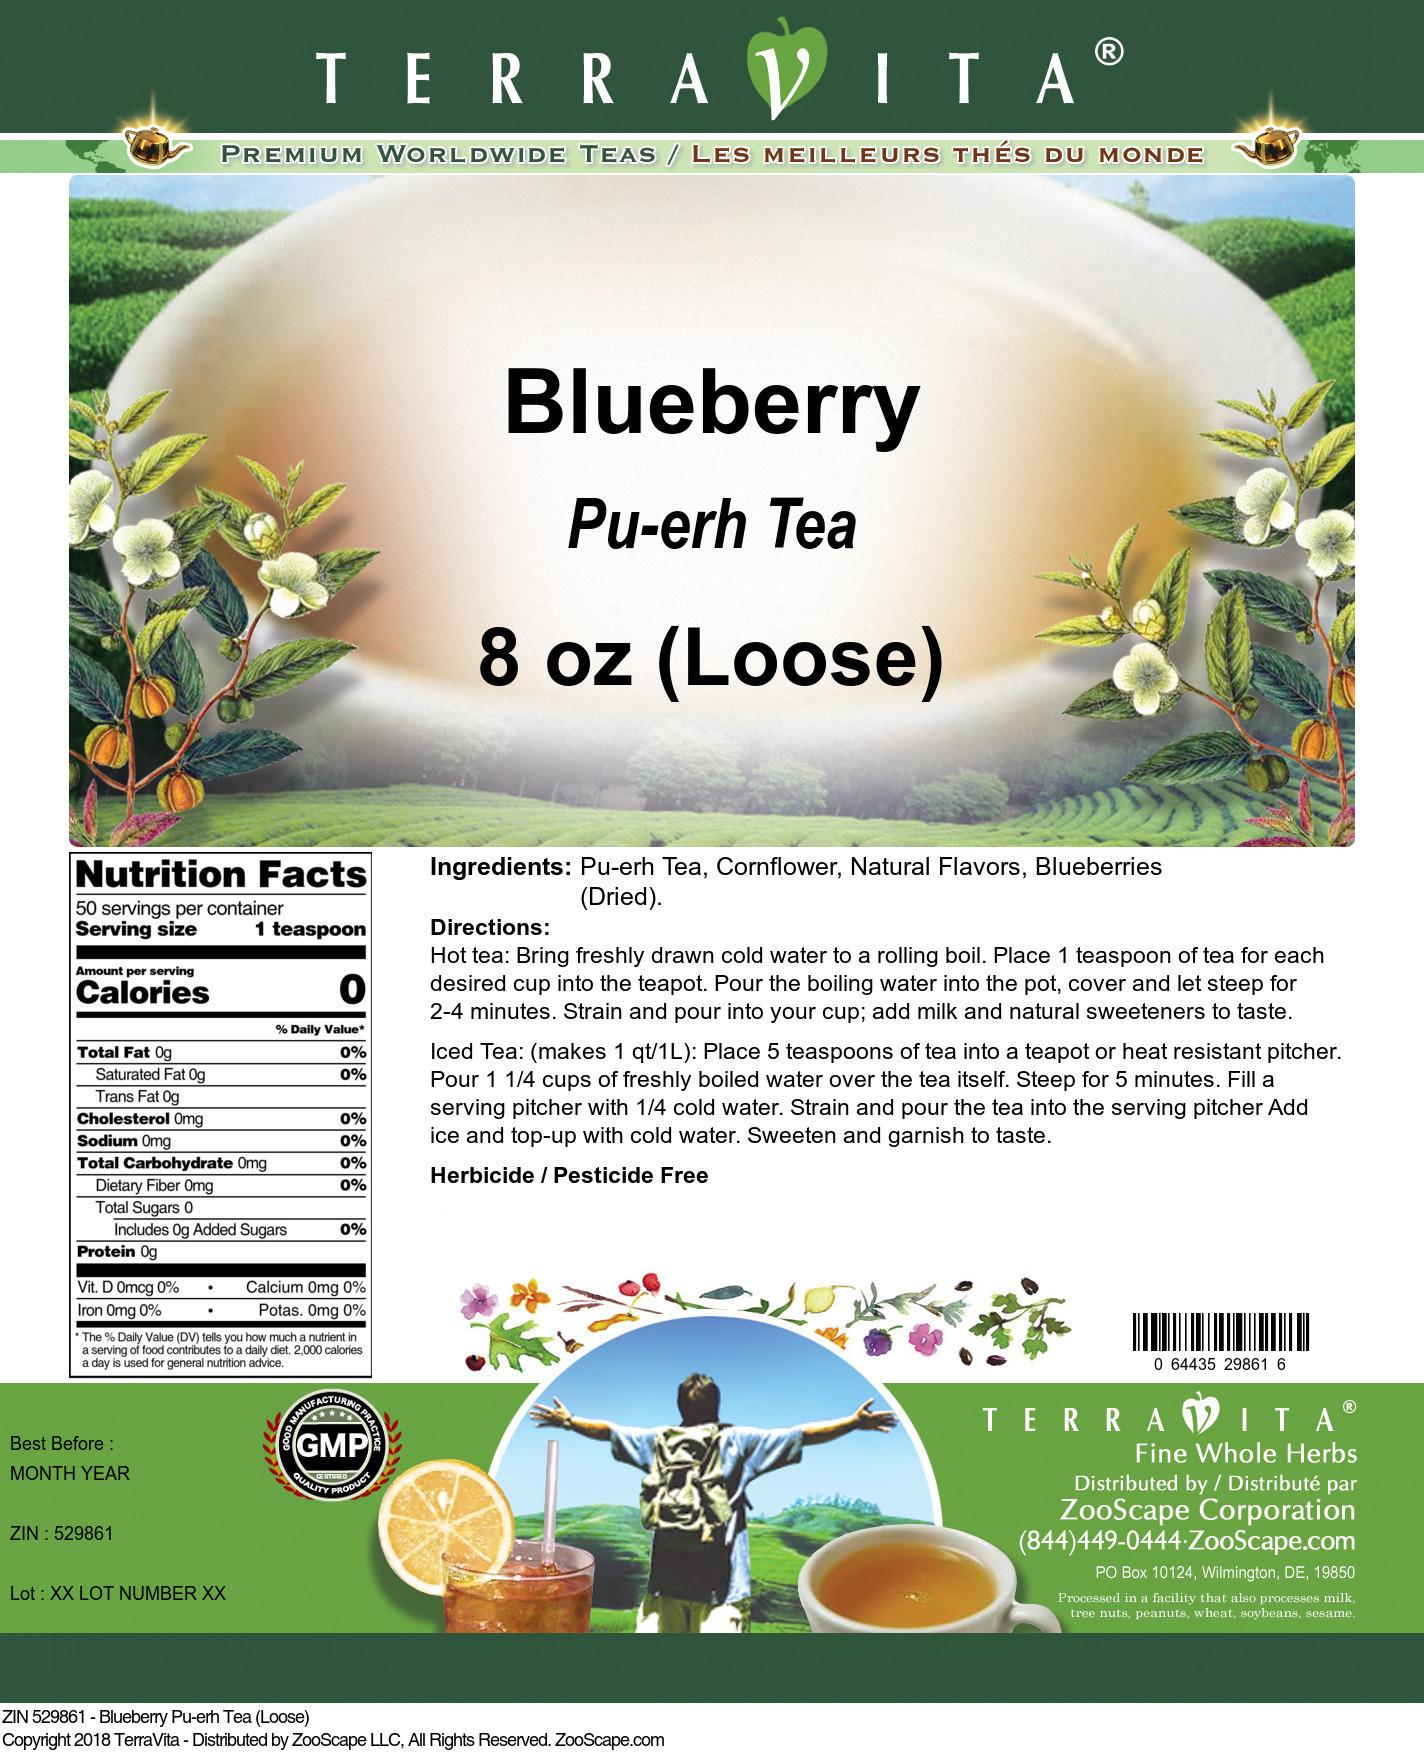 Blueberry Pu-erh Tea (Loose)